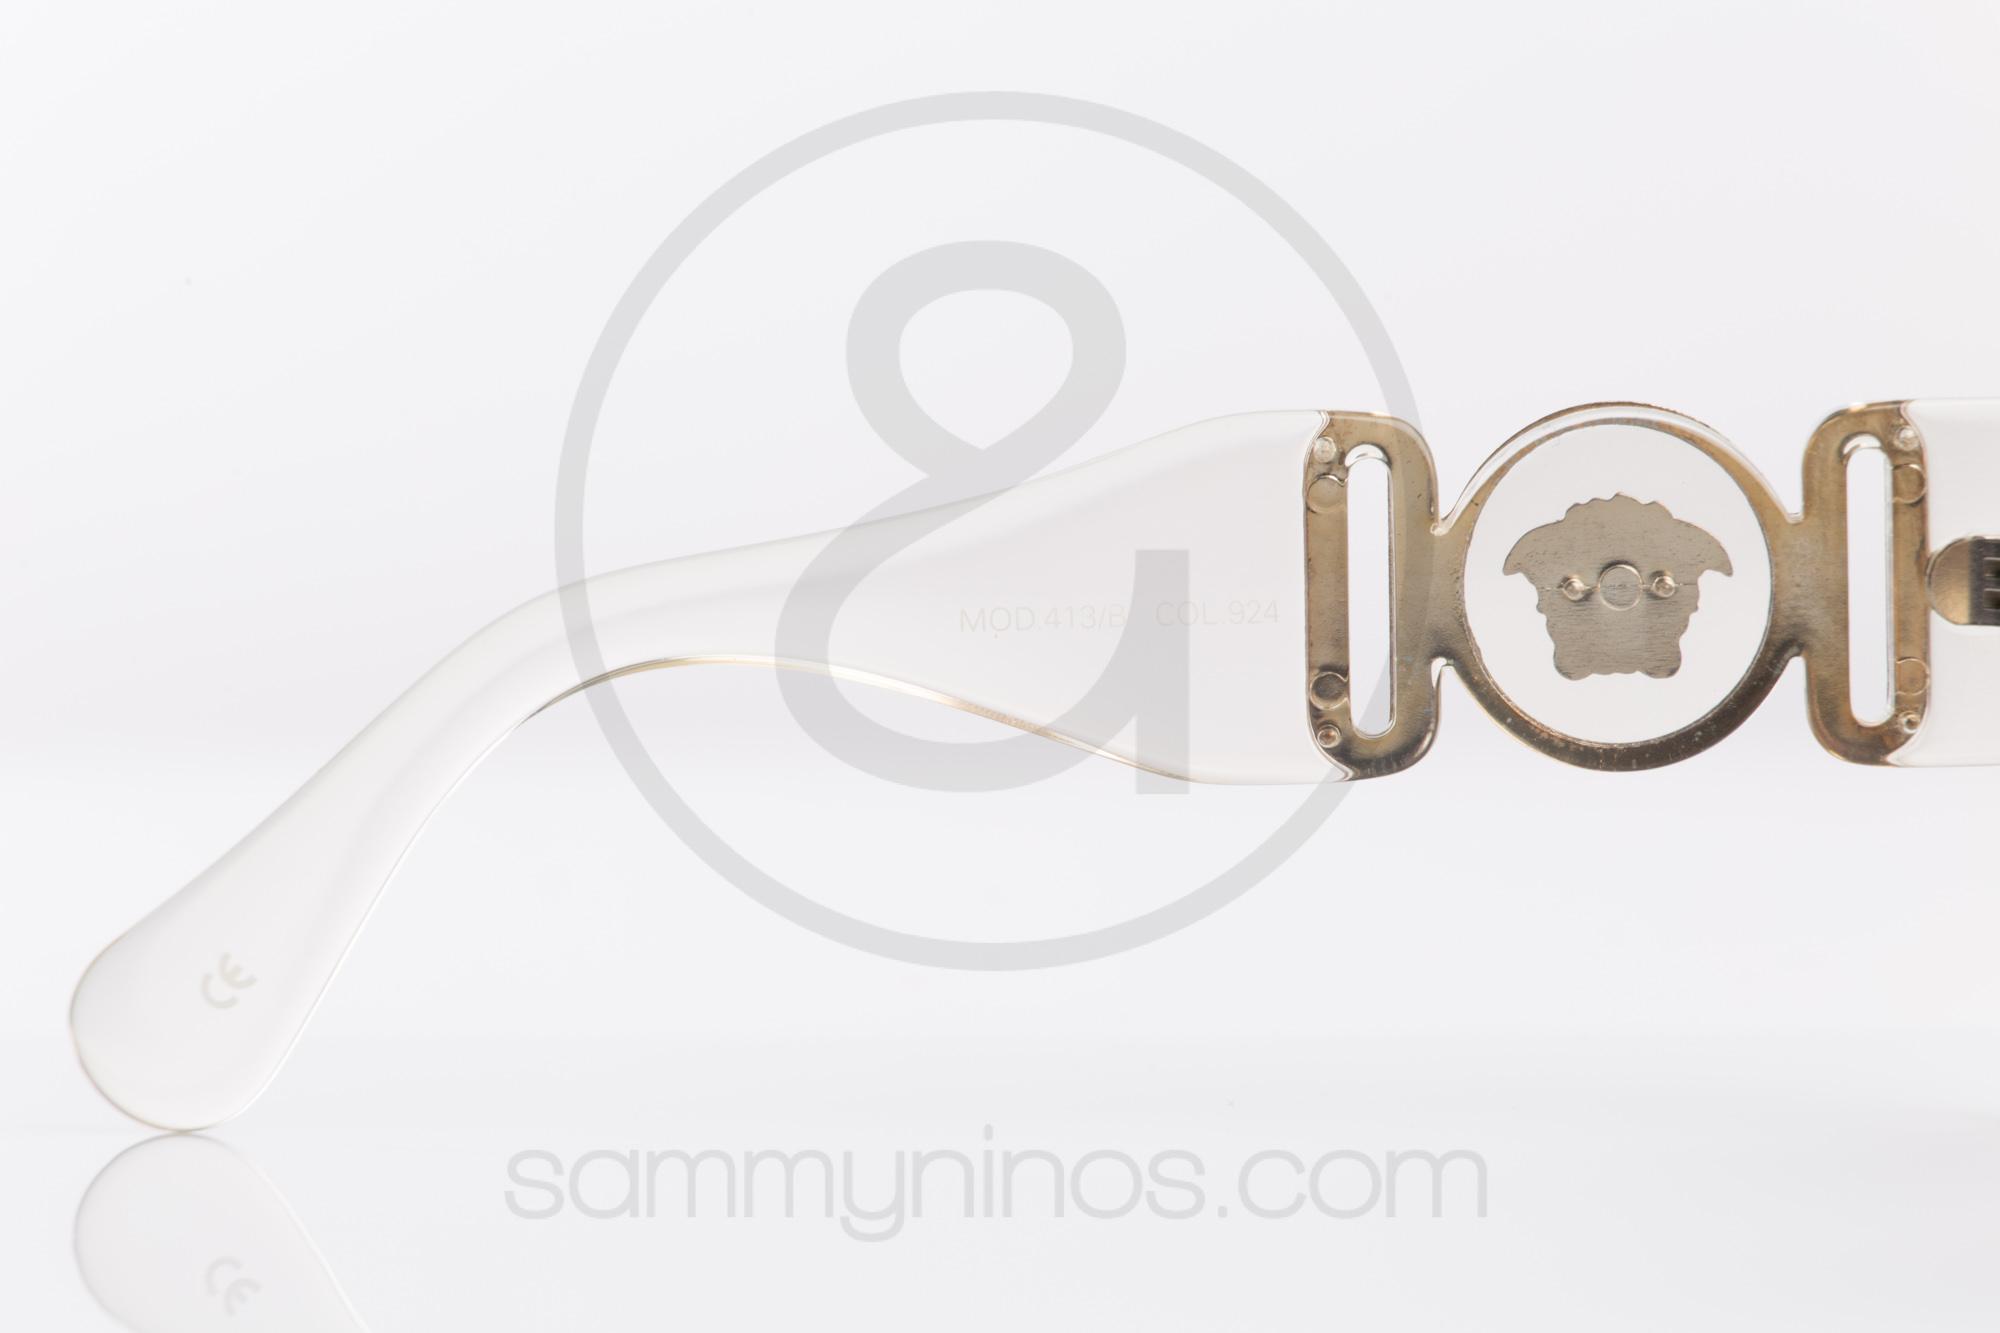 Gianni Versace 413b 924 Sammy Ninos Store